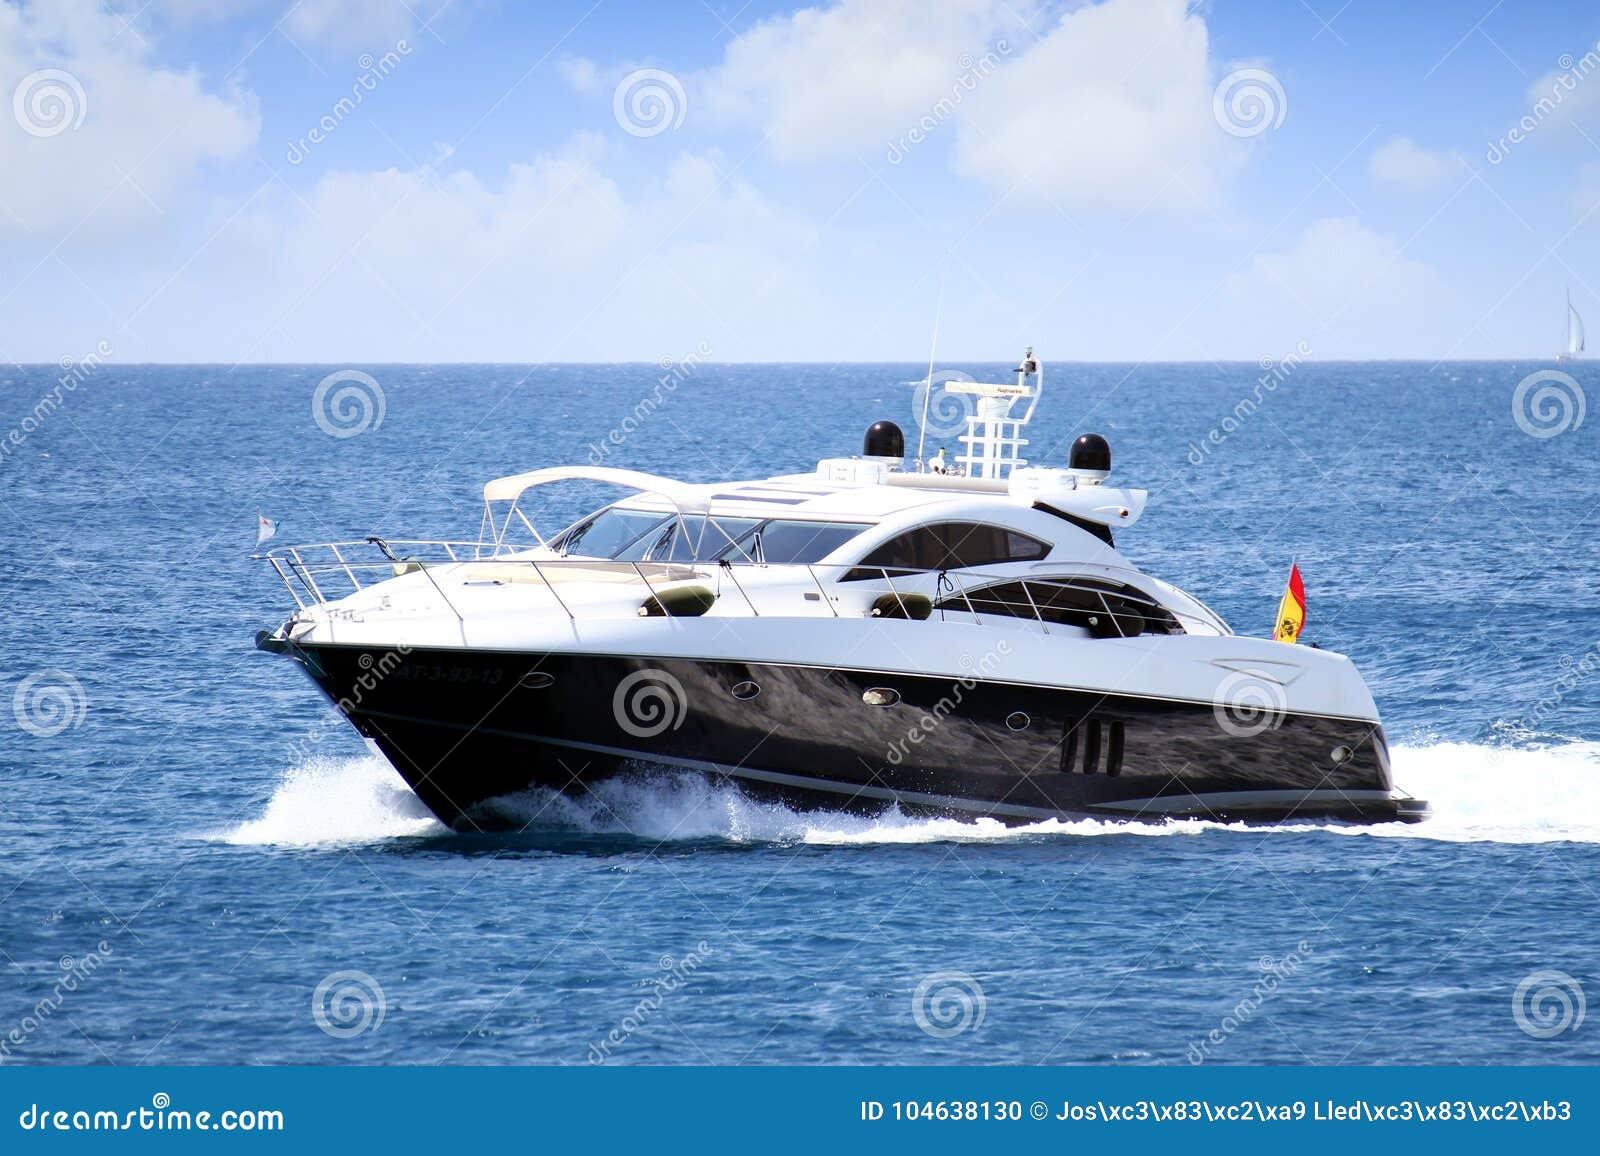 Download Privé Mooi Jacht Die Snel Dicht Bij De Kust Van Alicante In Spanje Varen Redactionele Afbeelding - Afbeelding bestaande uit nearsighted, achtergrond: 104638130